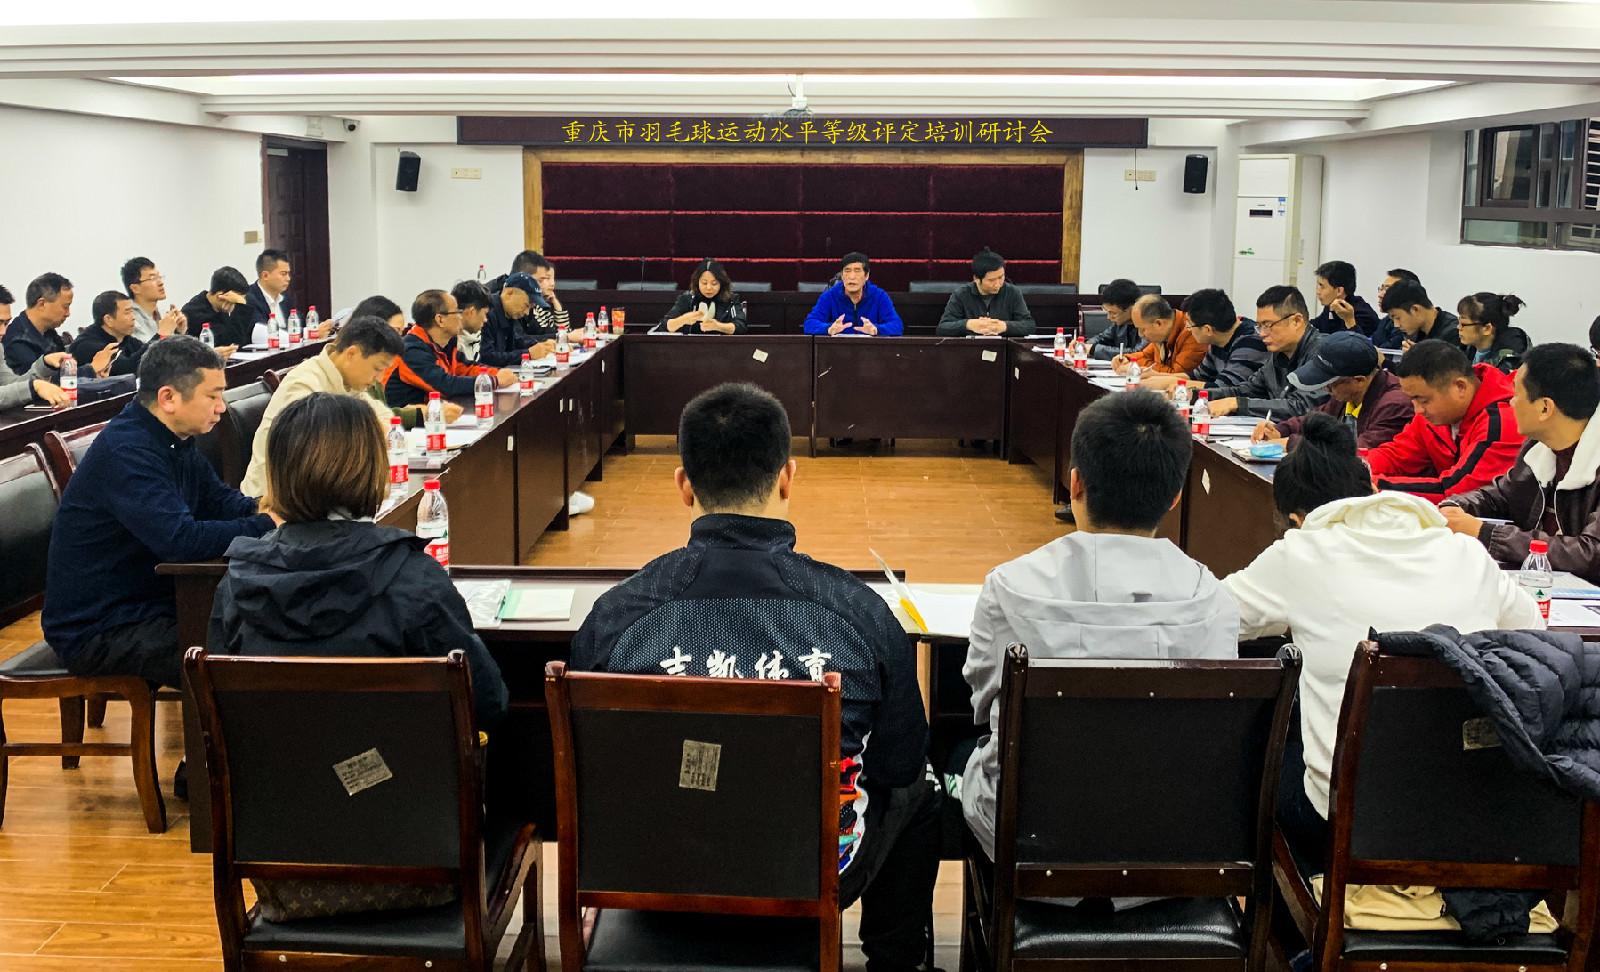 重庆市羽毛球运动水平等级评定培训研讨会在大田湾圆满举行